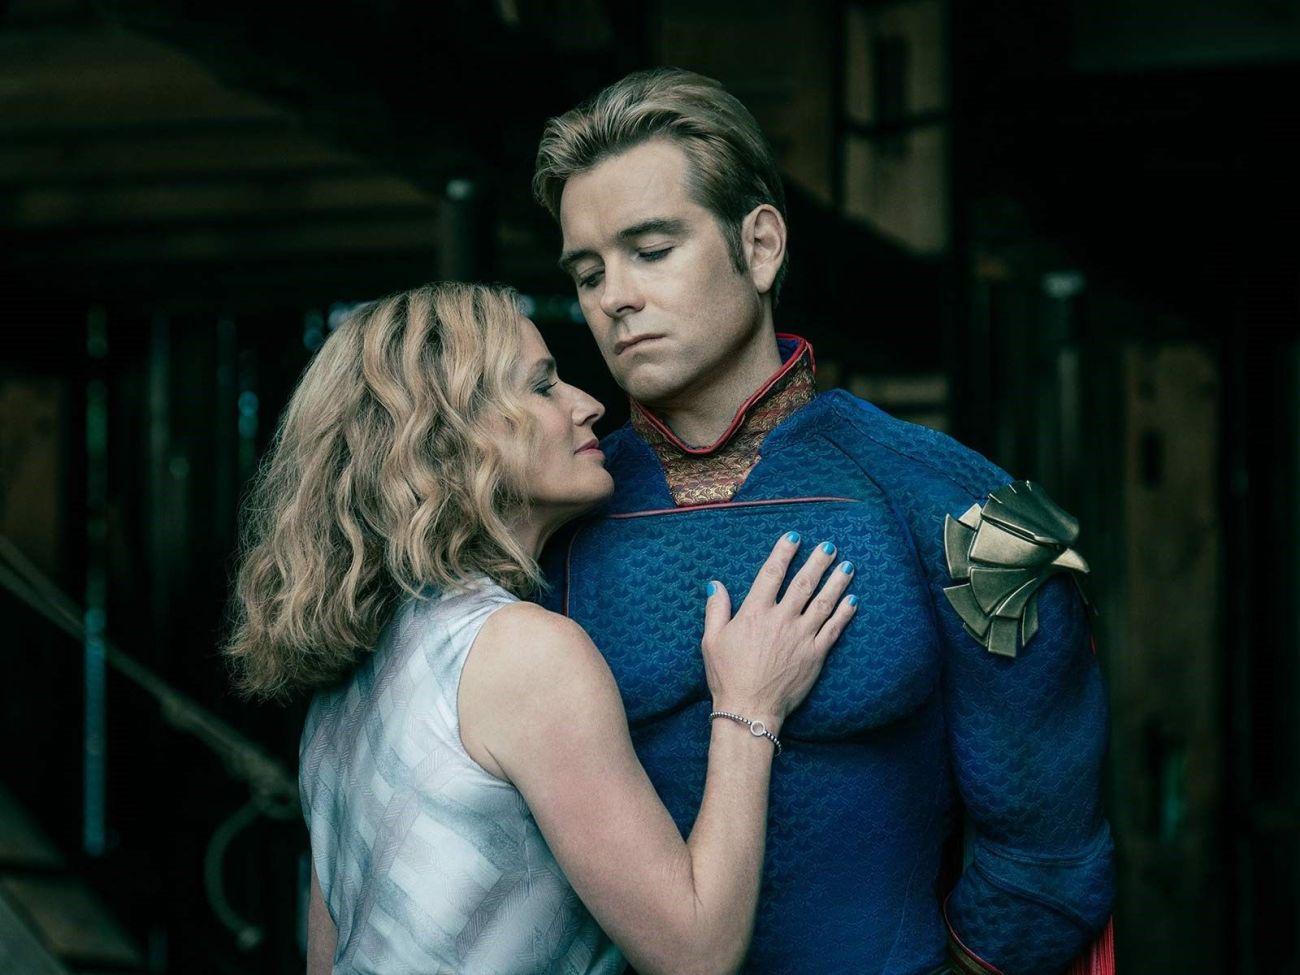 Madelyn Stillwell (Elisabeth Shue) y Homelander (Antony Starr) en la temporada 1 de The Boys. Imagen: pinterest.com